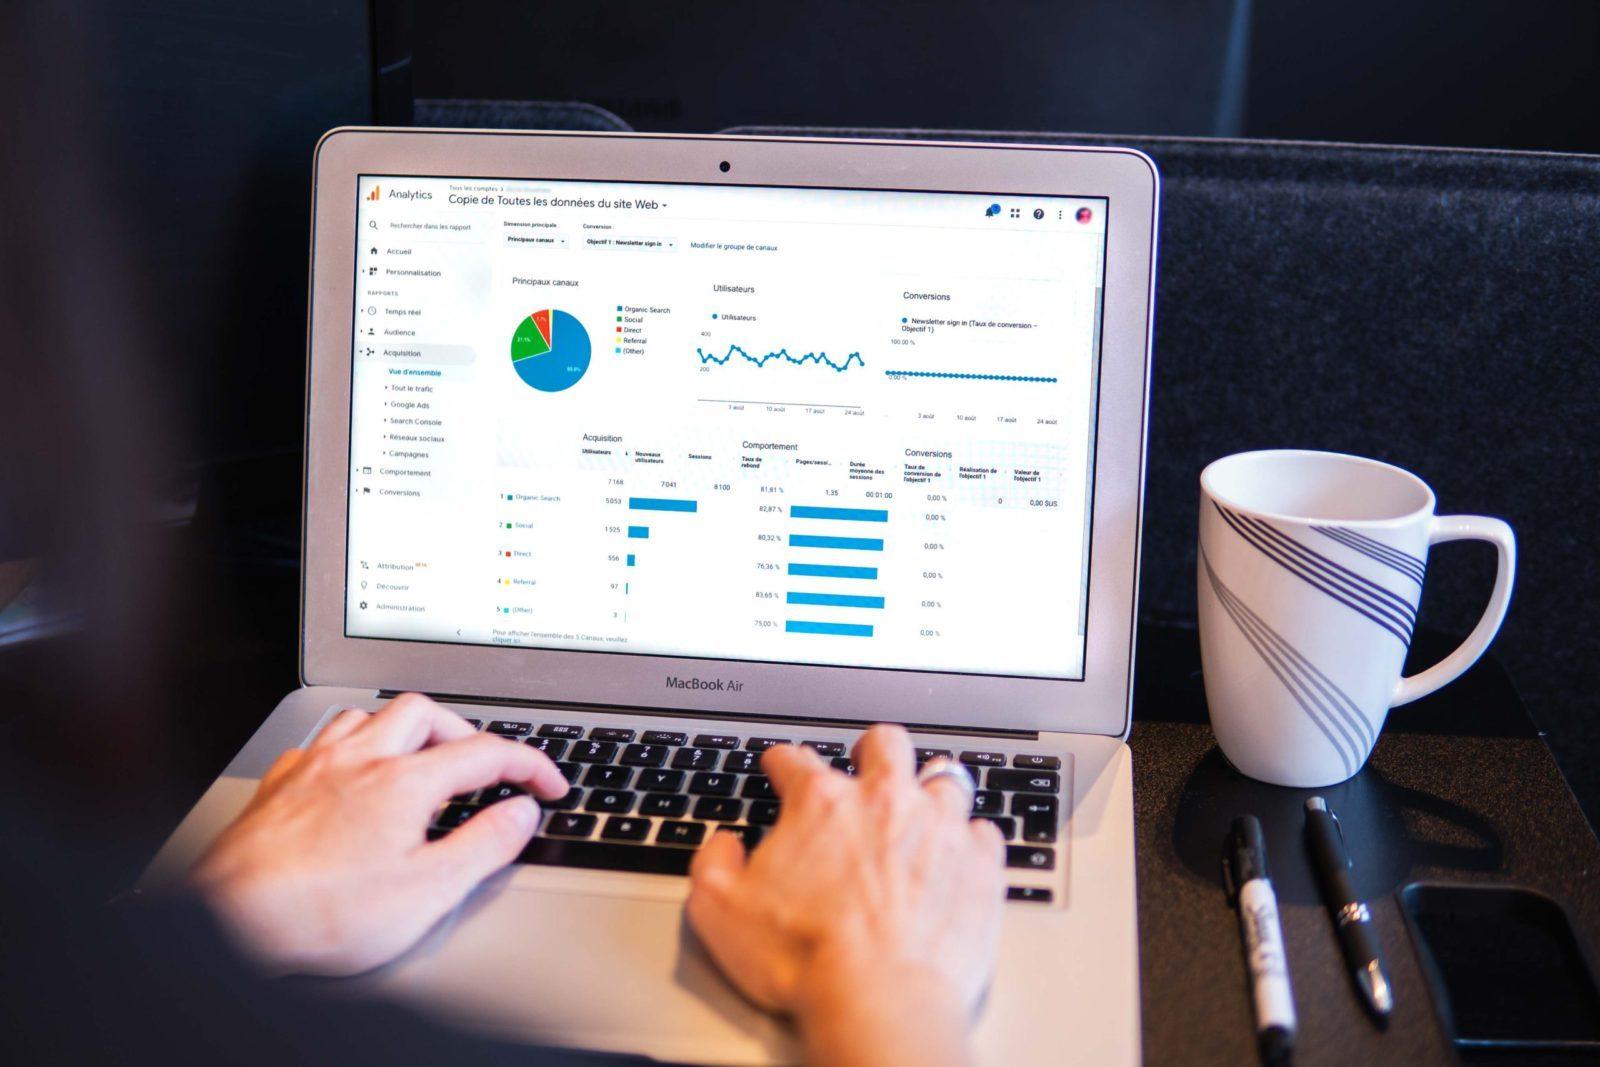 Métricas de e-commerce: Saiba quais são as mais importantes